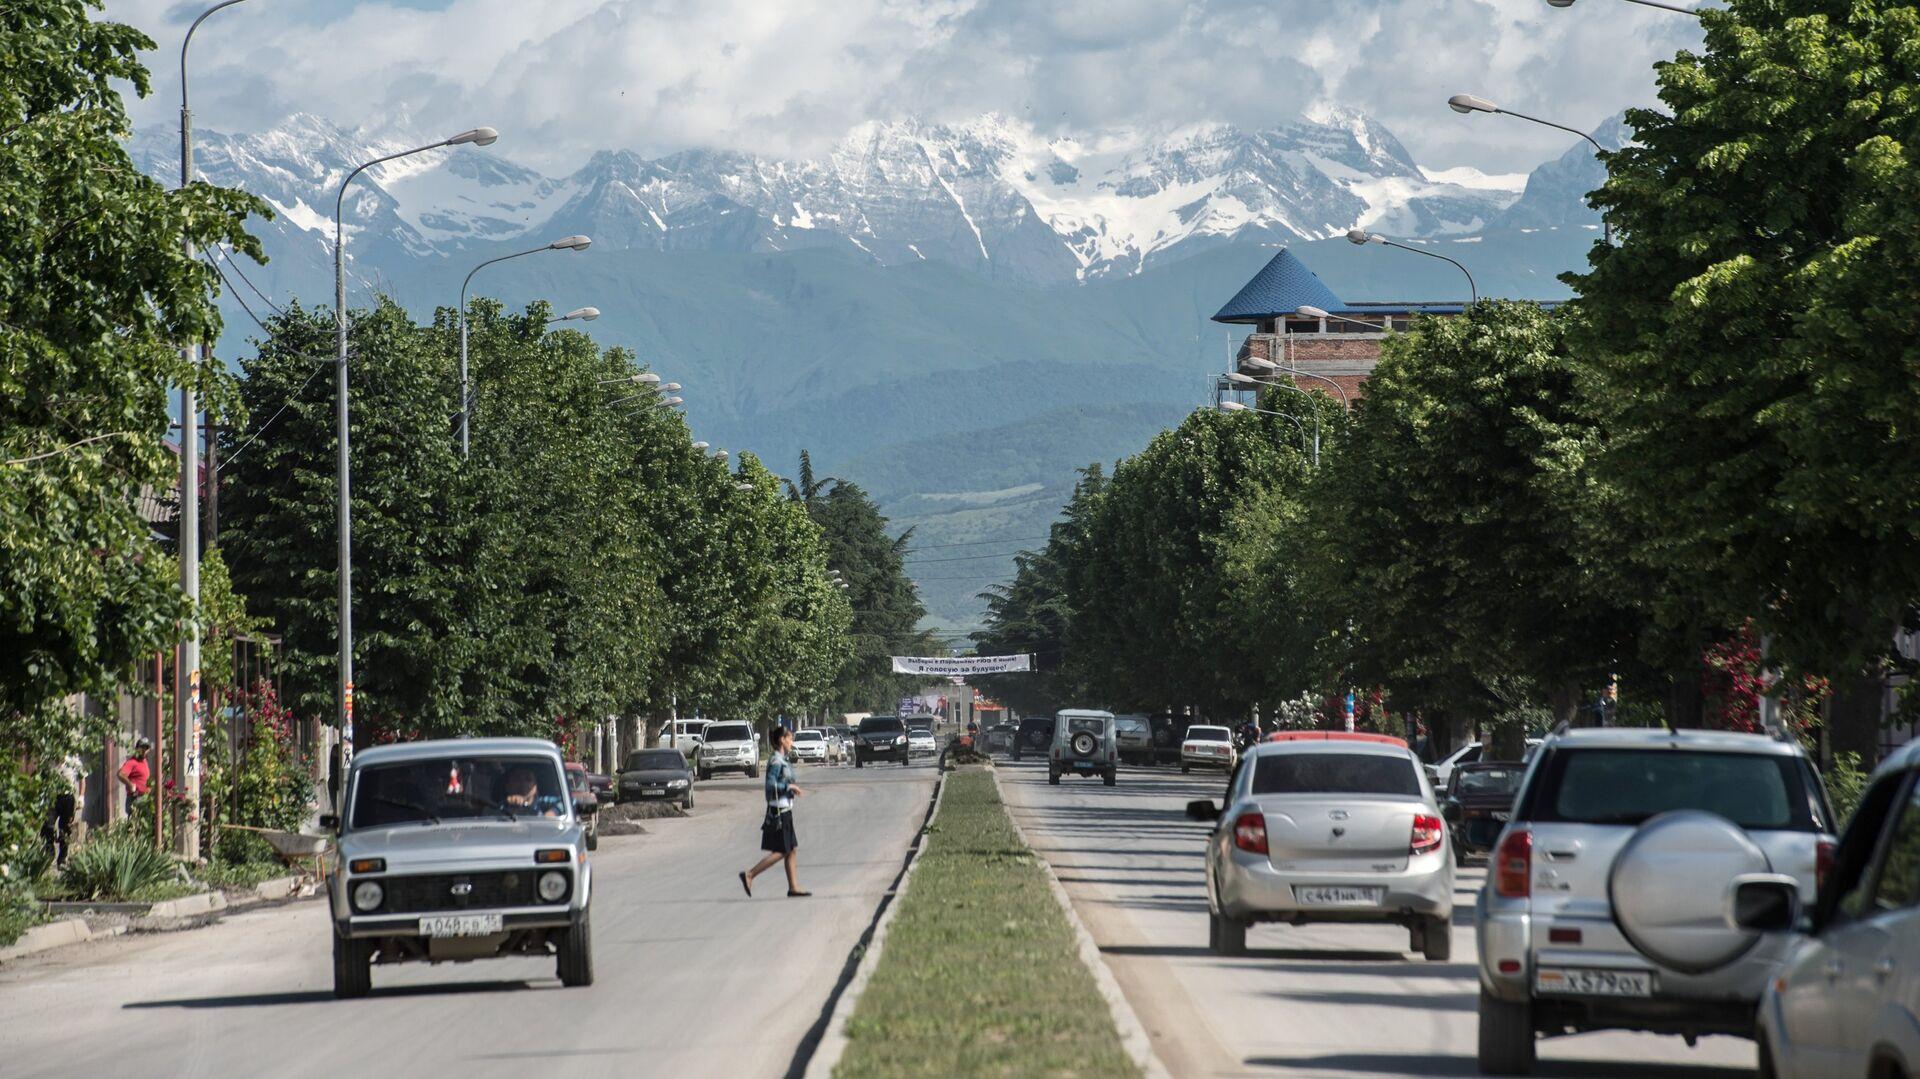 Вид на одну из городских улиц в Цхинвале - РИА Новости, 1920, 15.09.2020